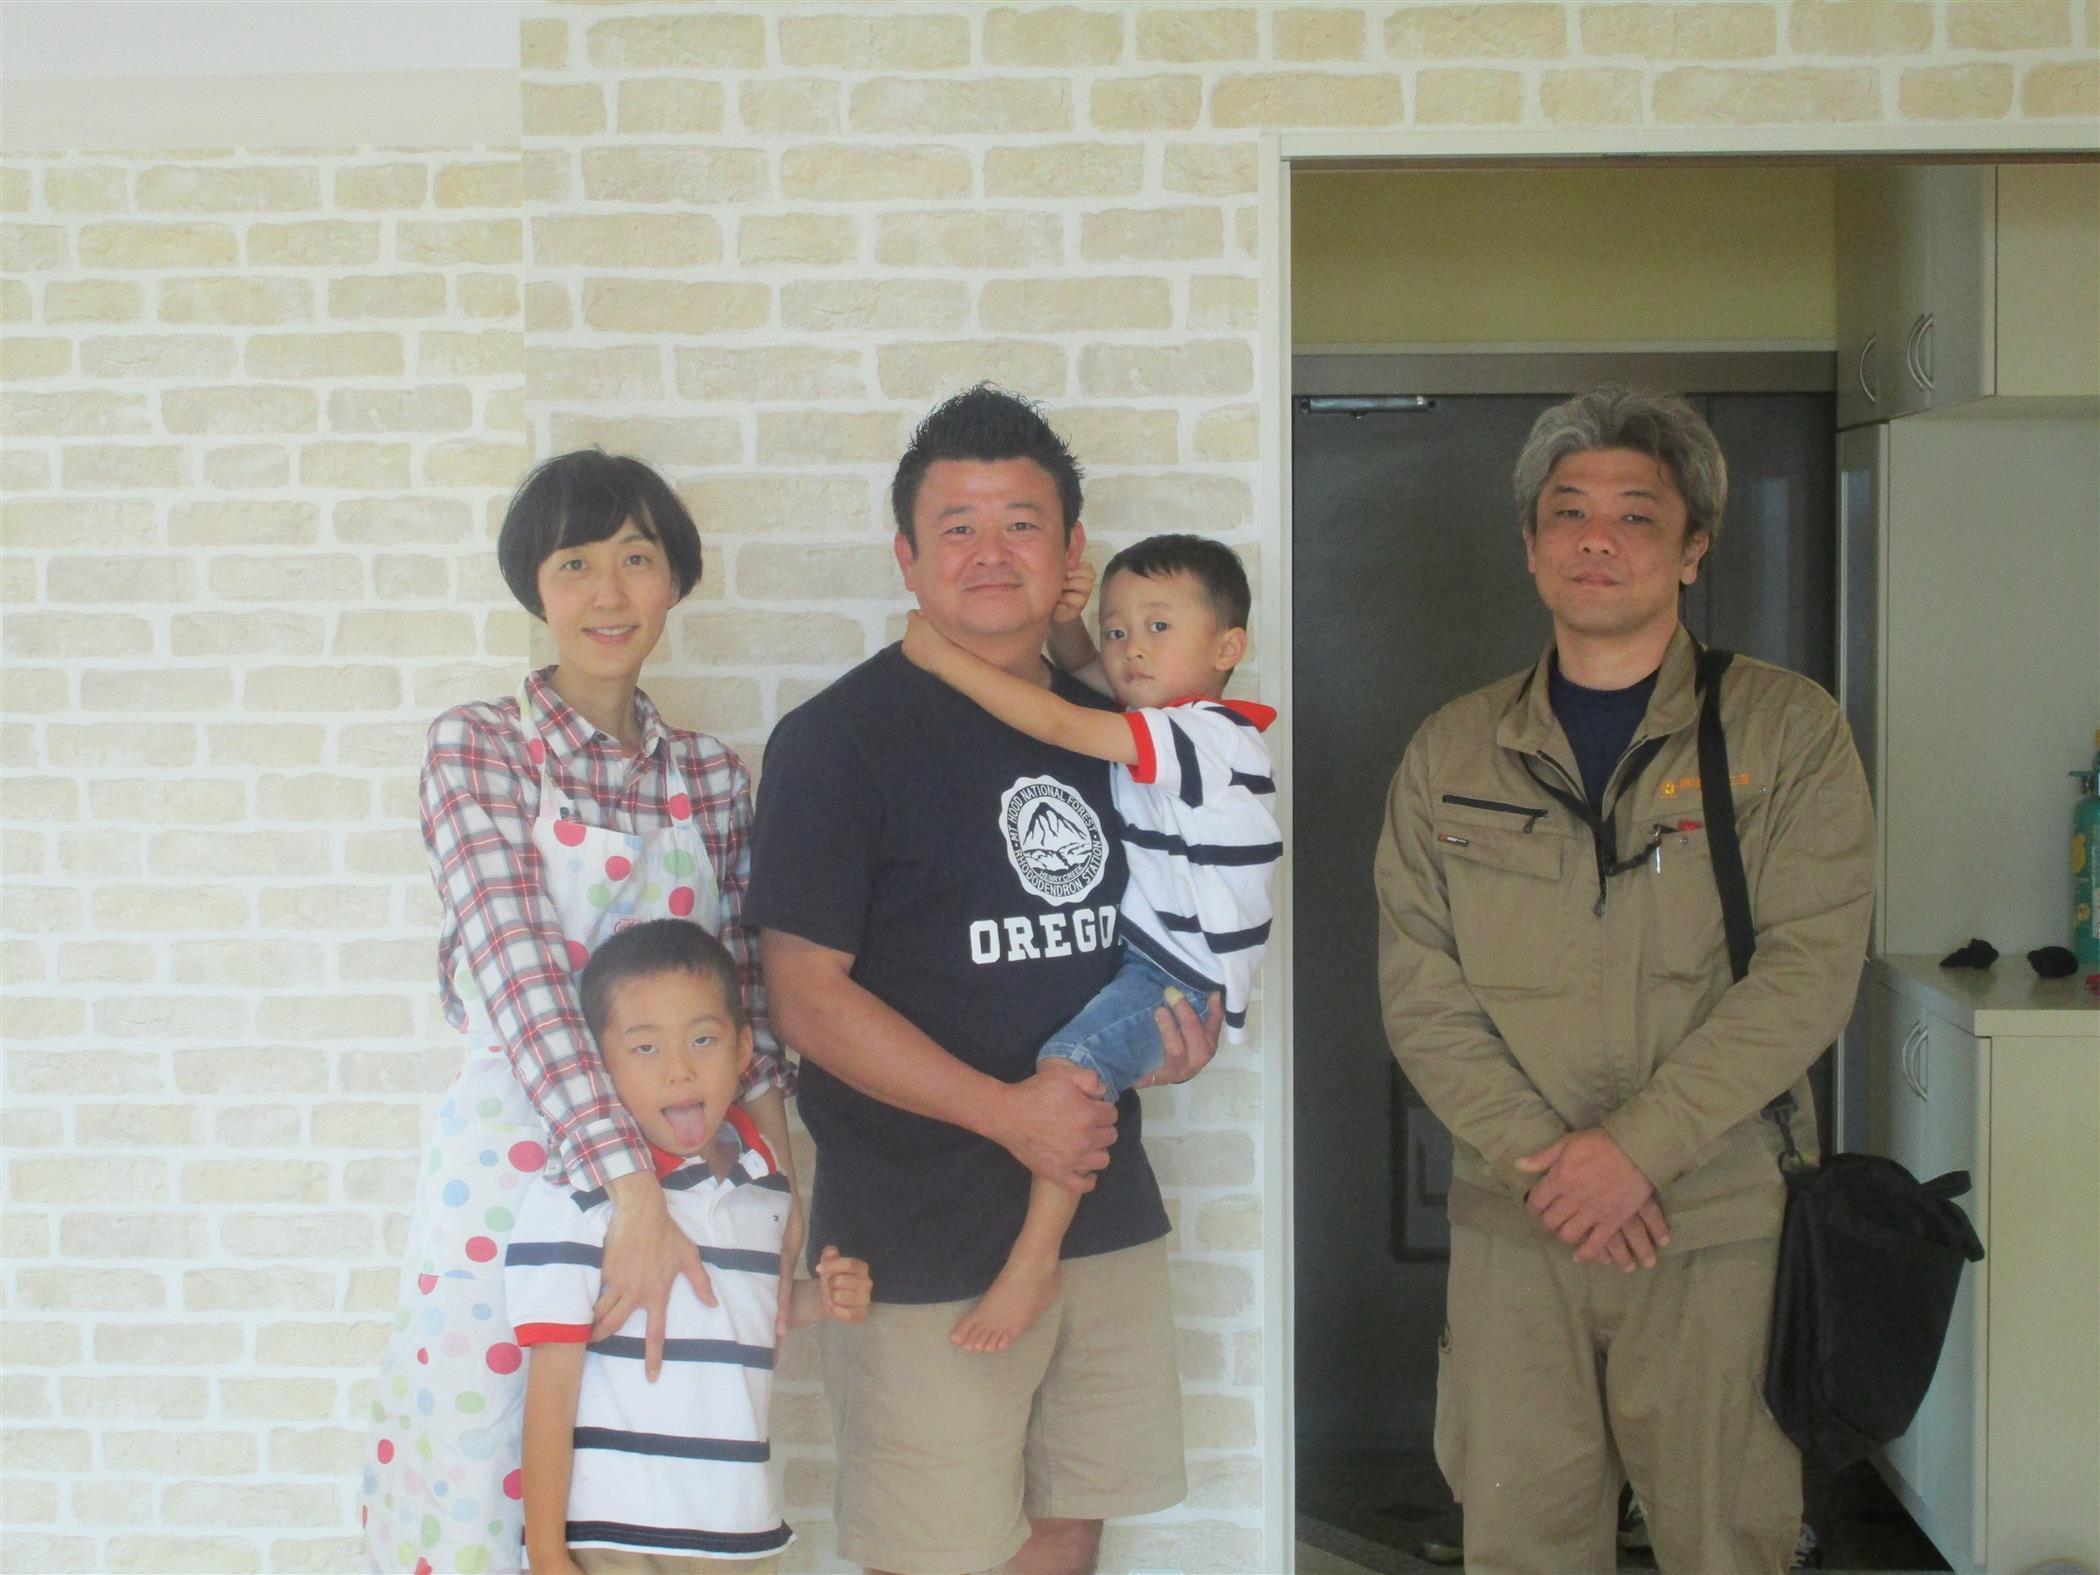 沖縄・那覇のリフォーム 実際のお客様の写真:あうん工房様の真摯な対応です。